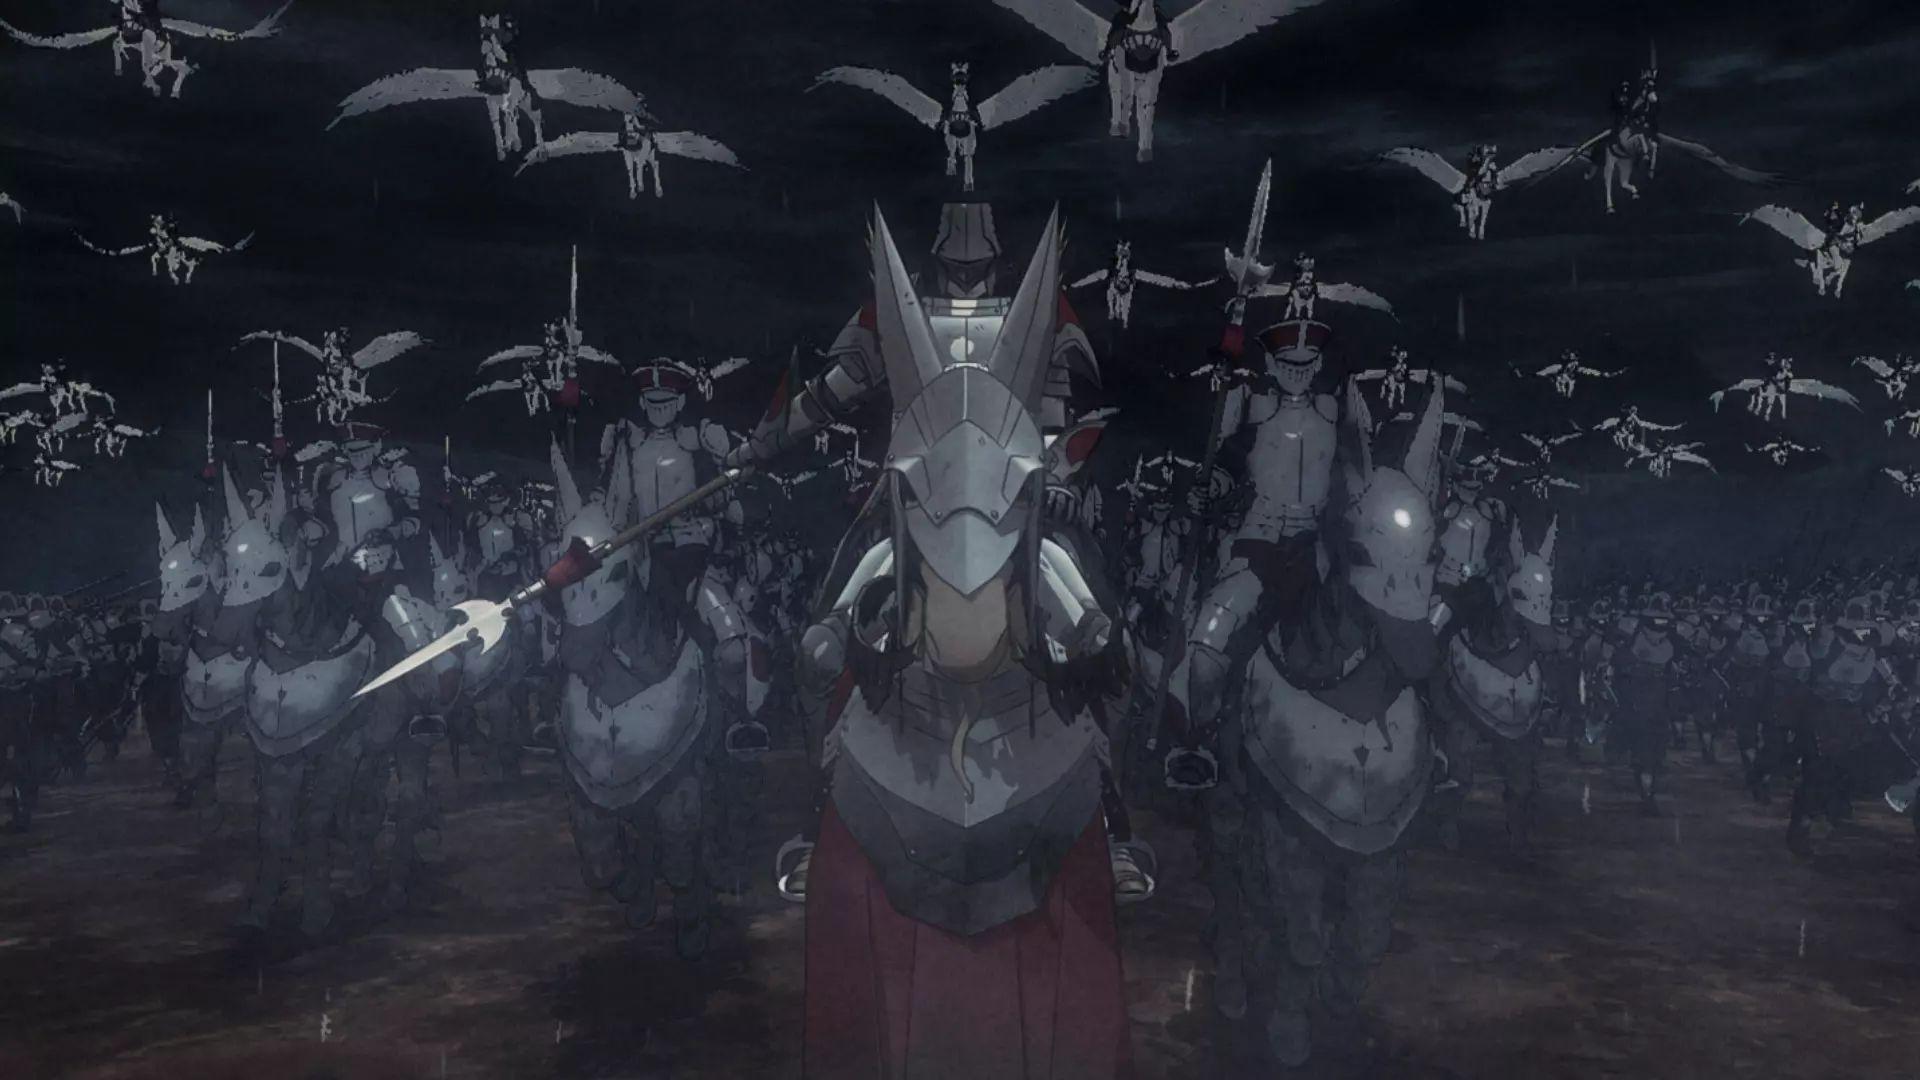 شخصیت Shamir در بازی Fire Emblem: Three Houses معرفی شد